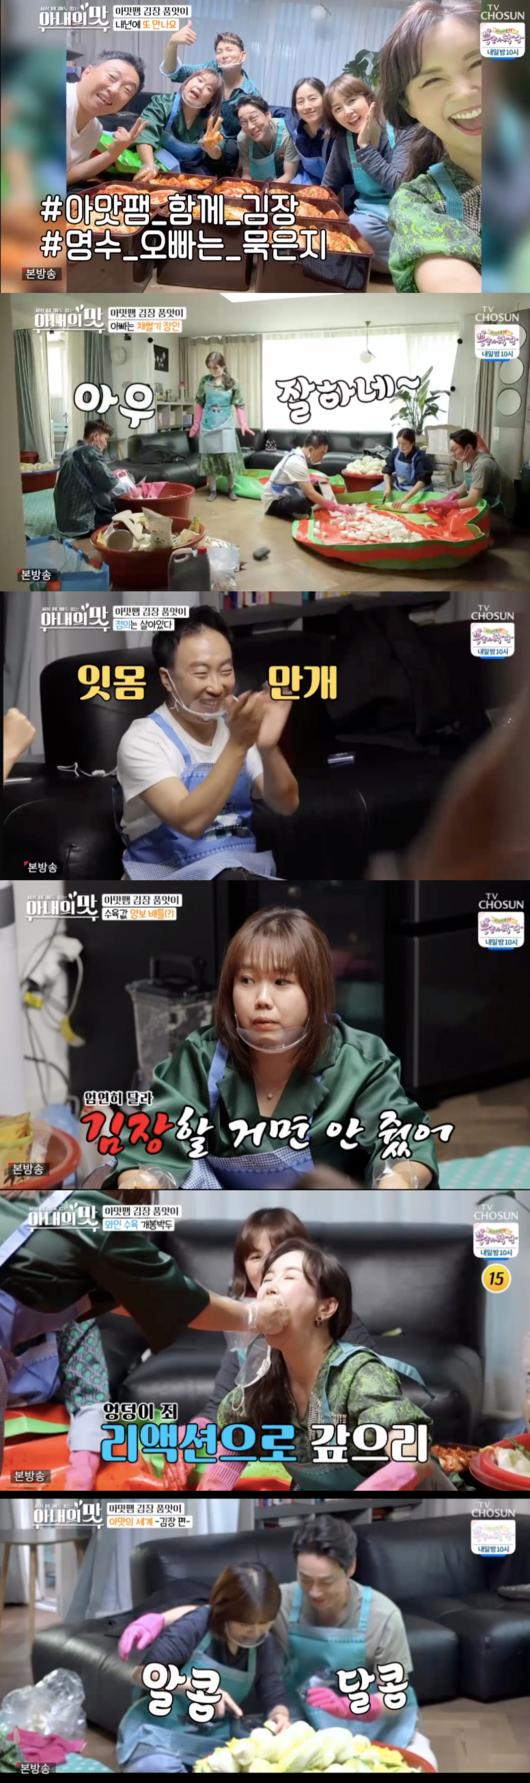 아내의맛 정준호♥이하정, 드넓은 새 집 공개..편입 정동원 하동 나들이[종합]